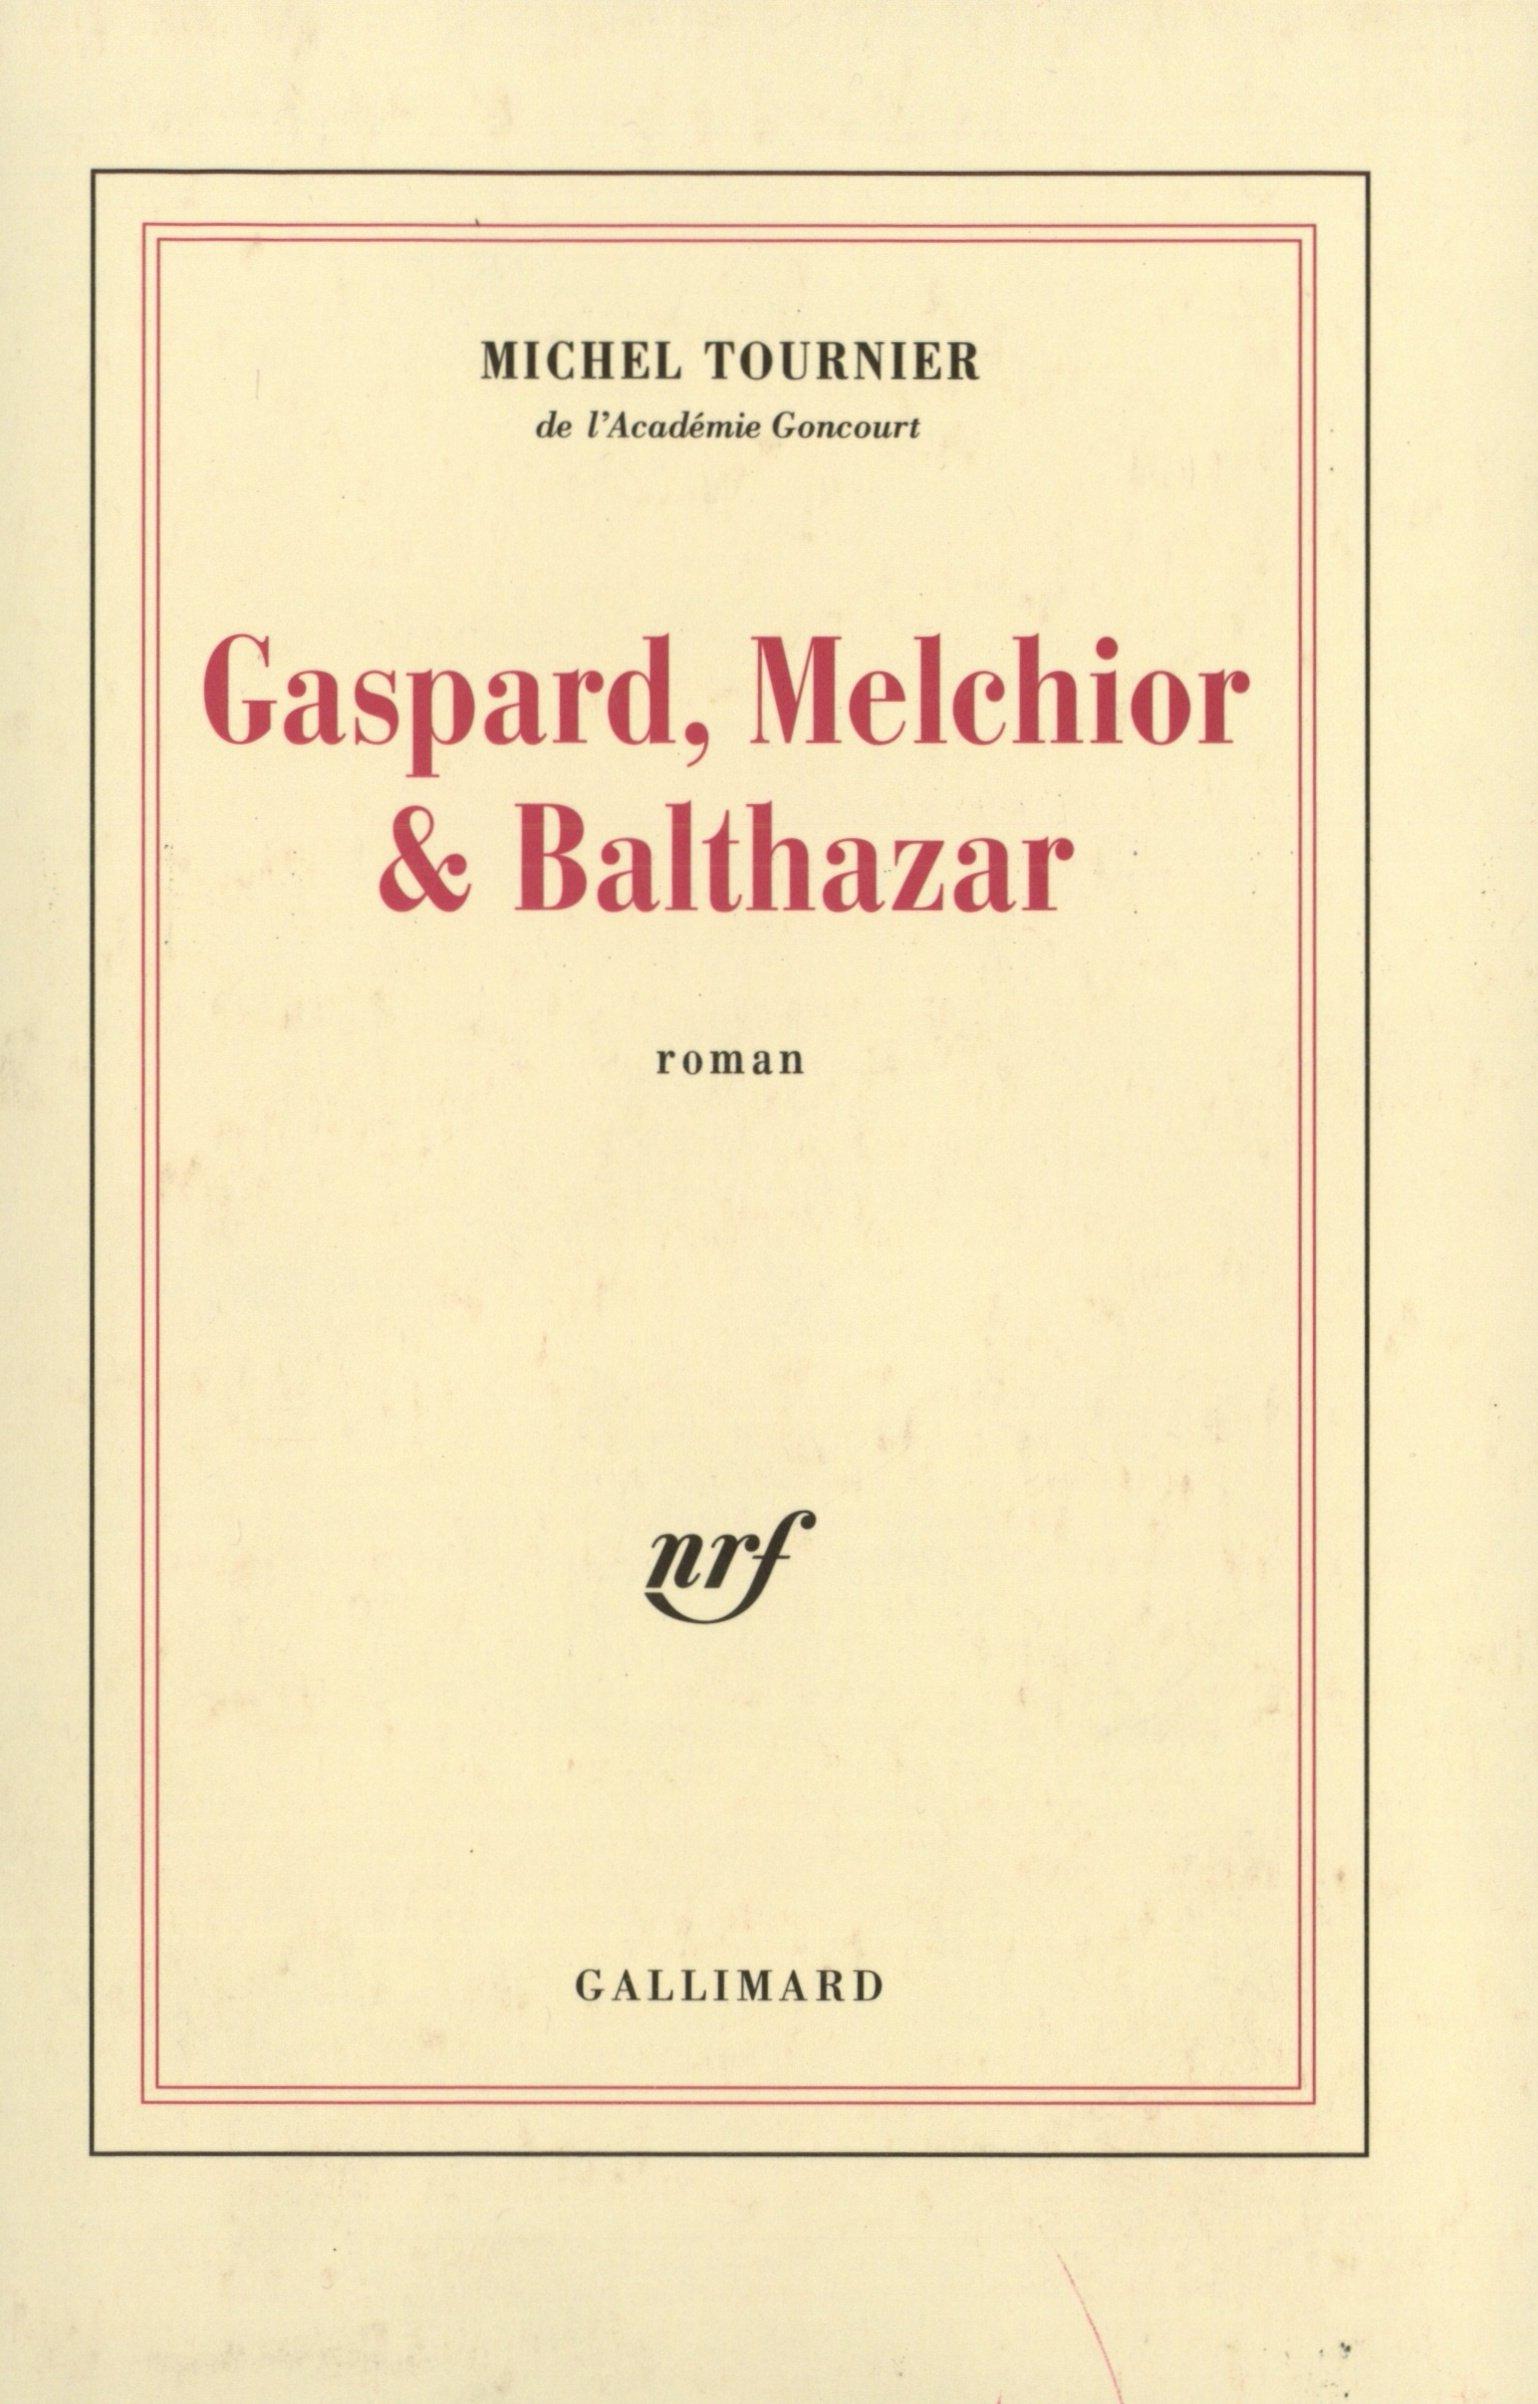 Gaspard, Melchior et Balthazar - Michel Tournier